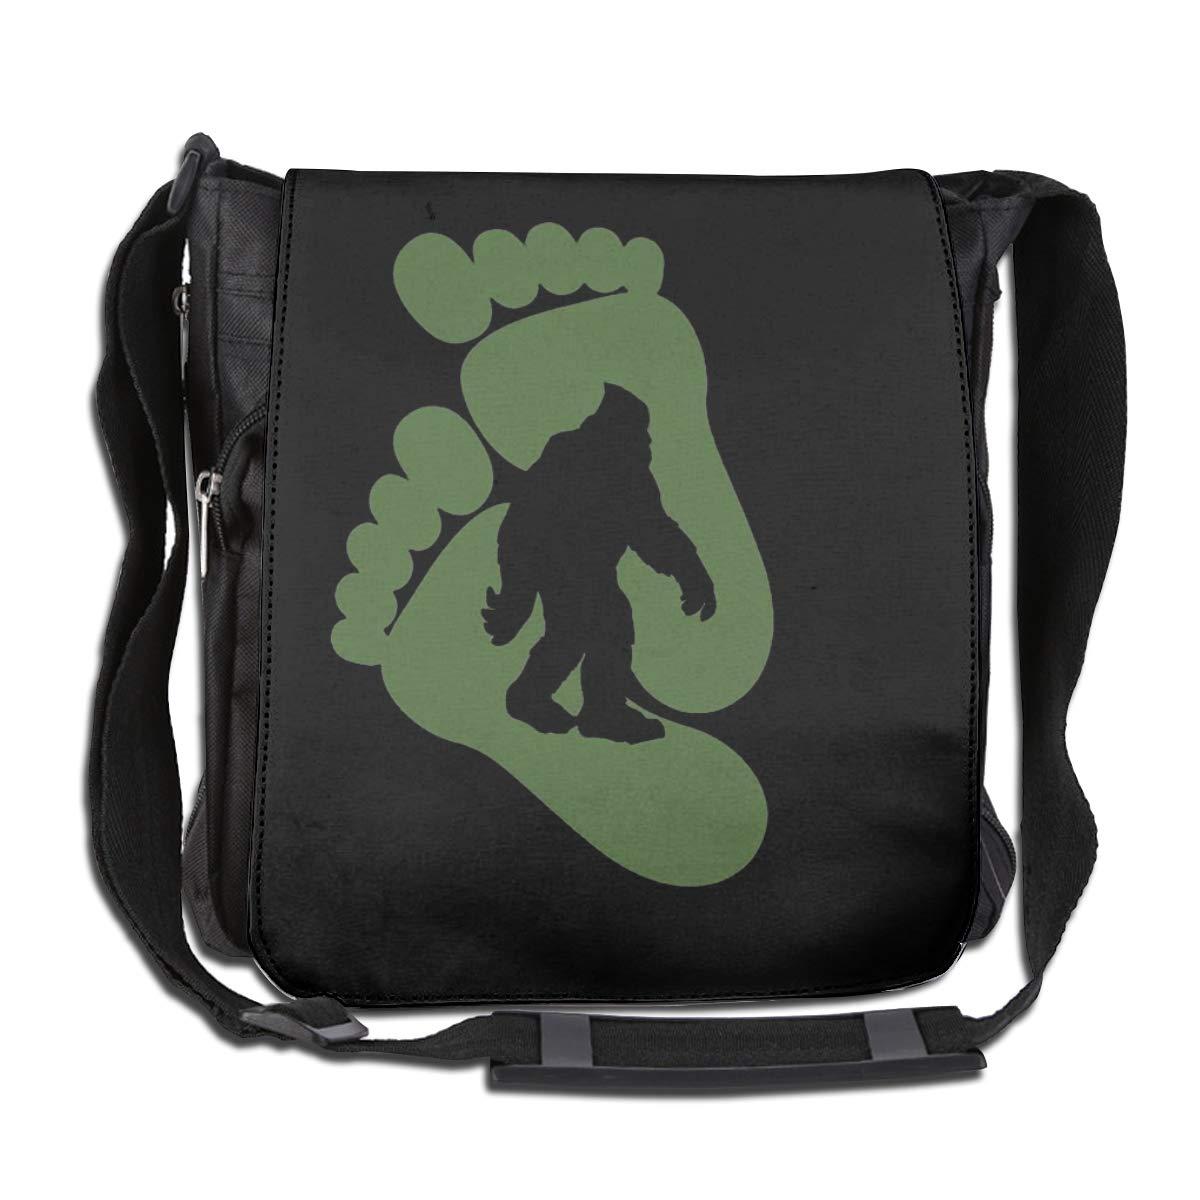 Sasquatch Fashion Diagonal Single Shoulder Workout Bag